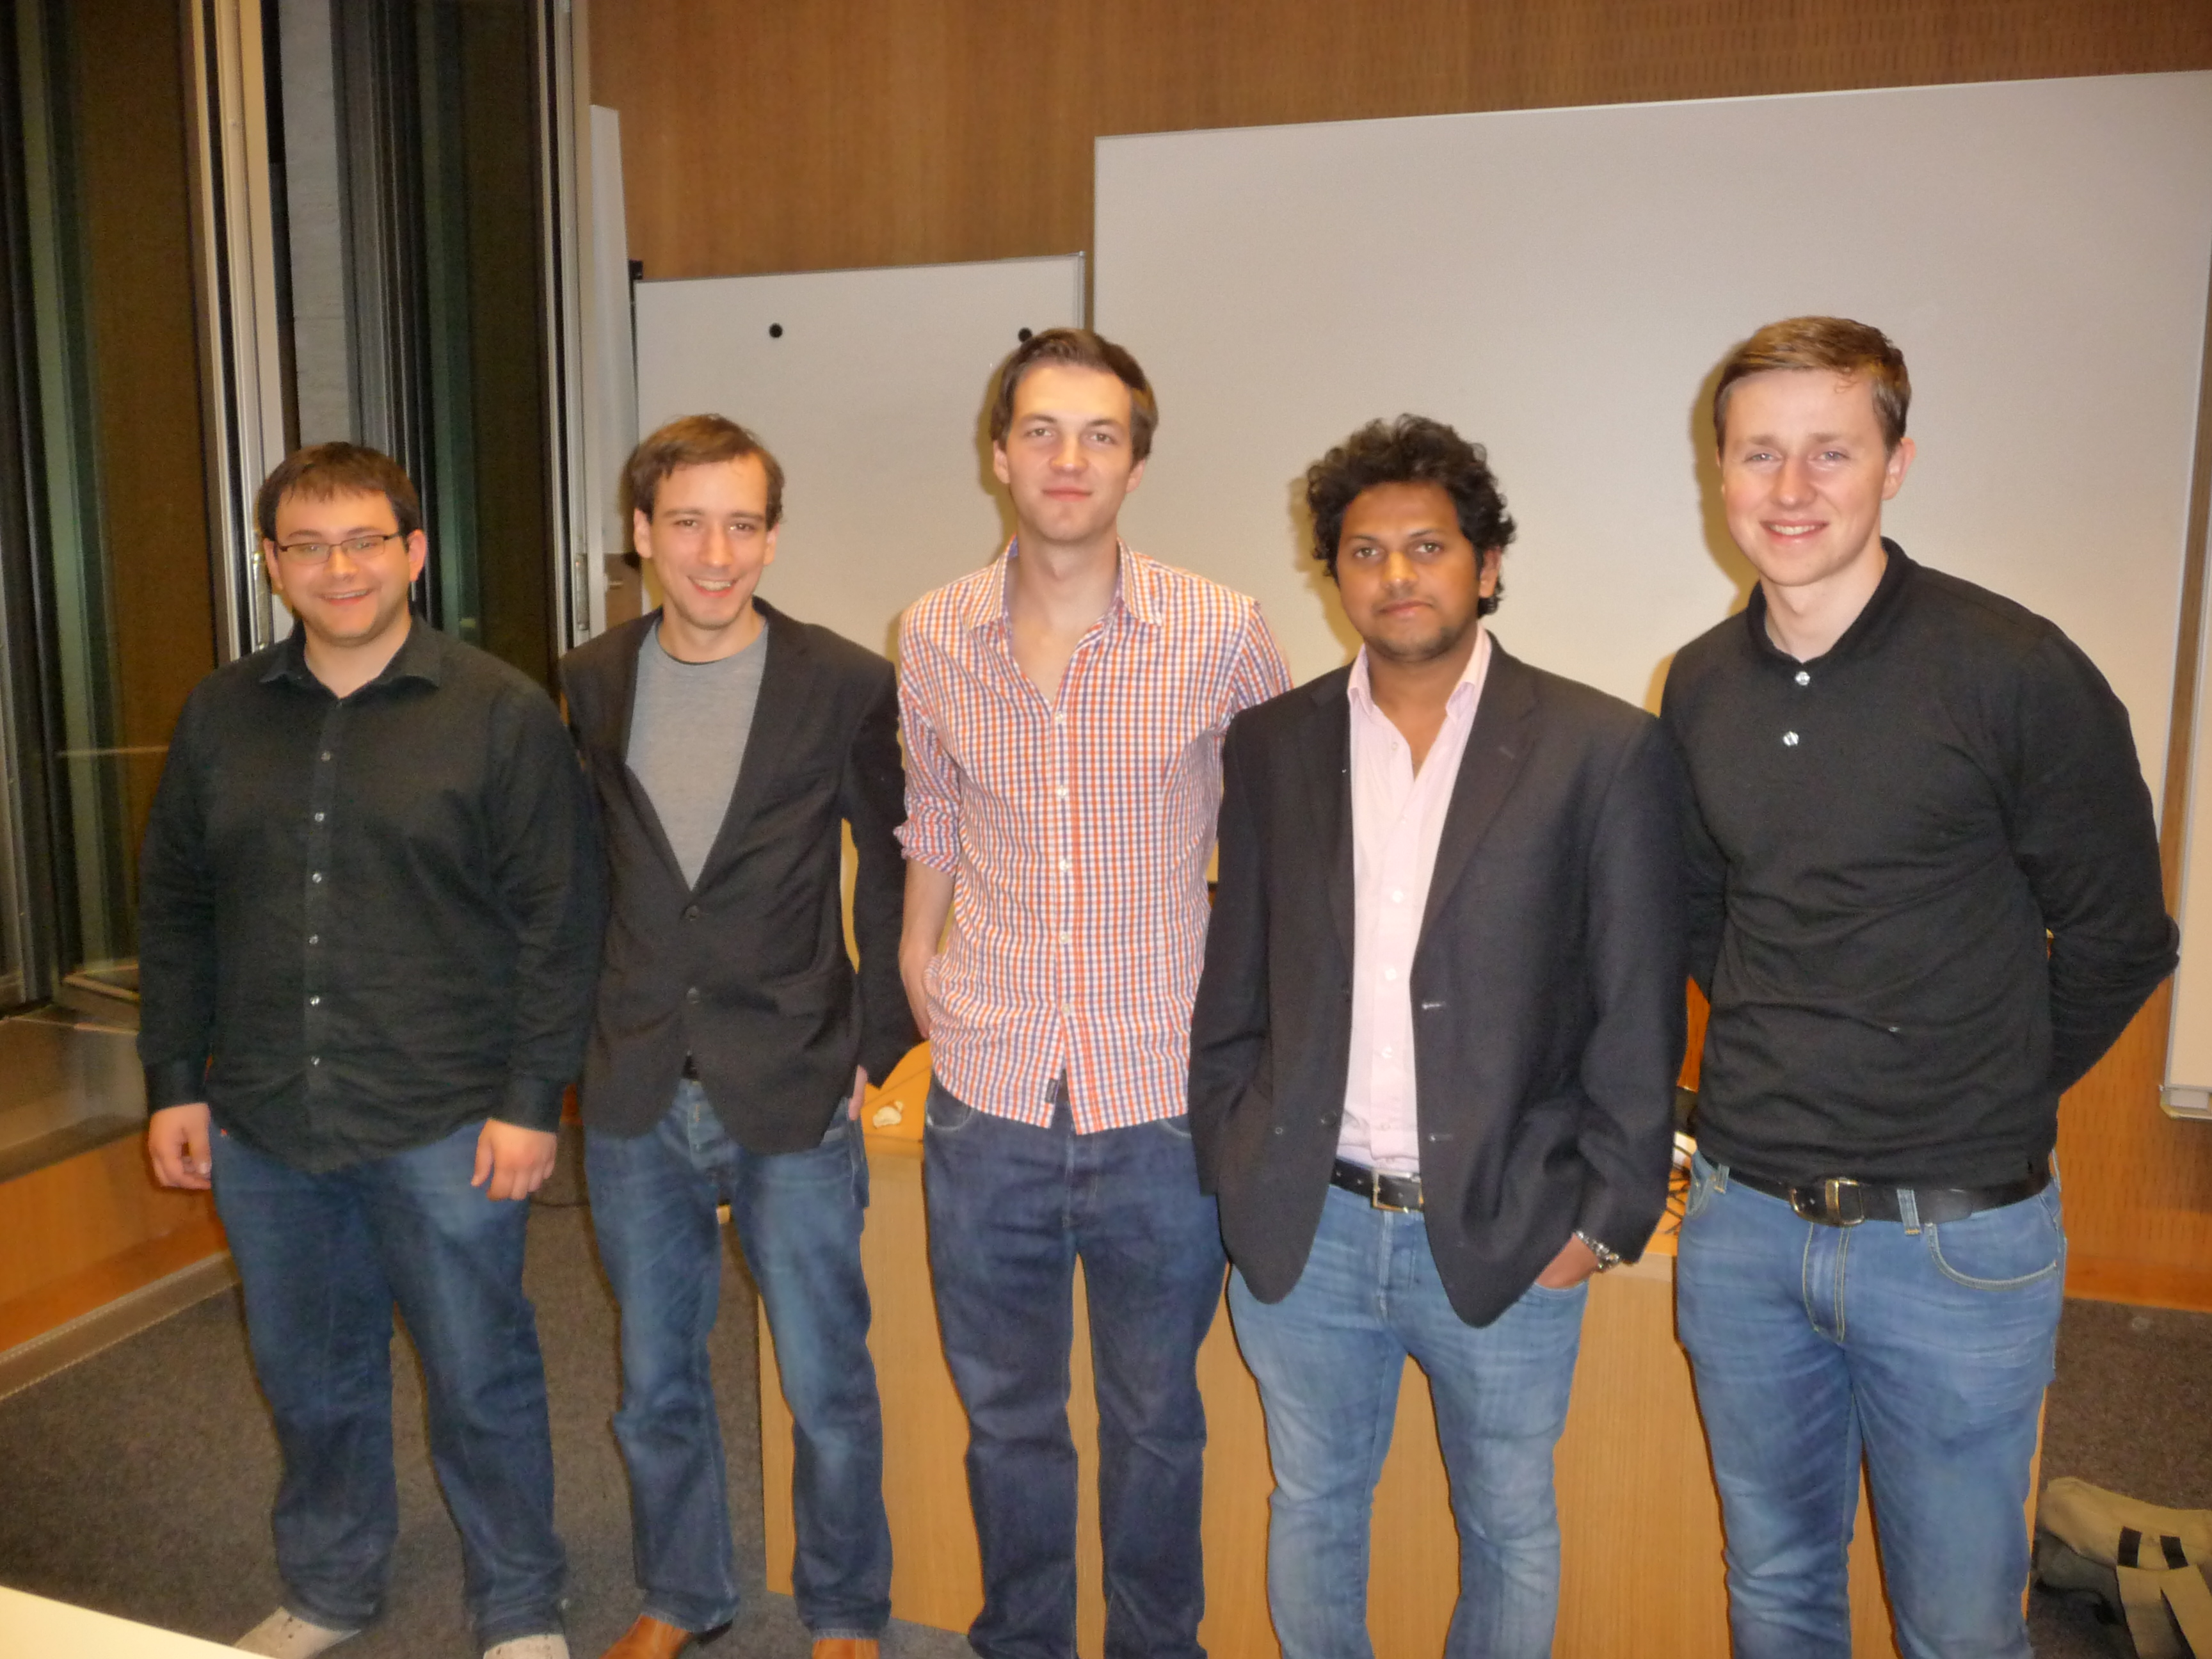 Die Gründer von FRAPPE, v.l.n.r. Mario Hachemer, Alexander Praetorius, Bernd Kopin, Vikas Shabadi, Clemens Groche.